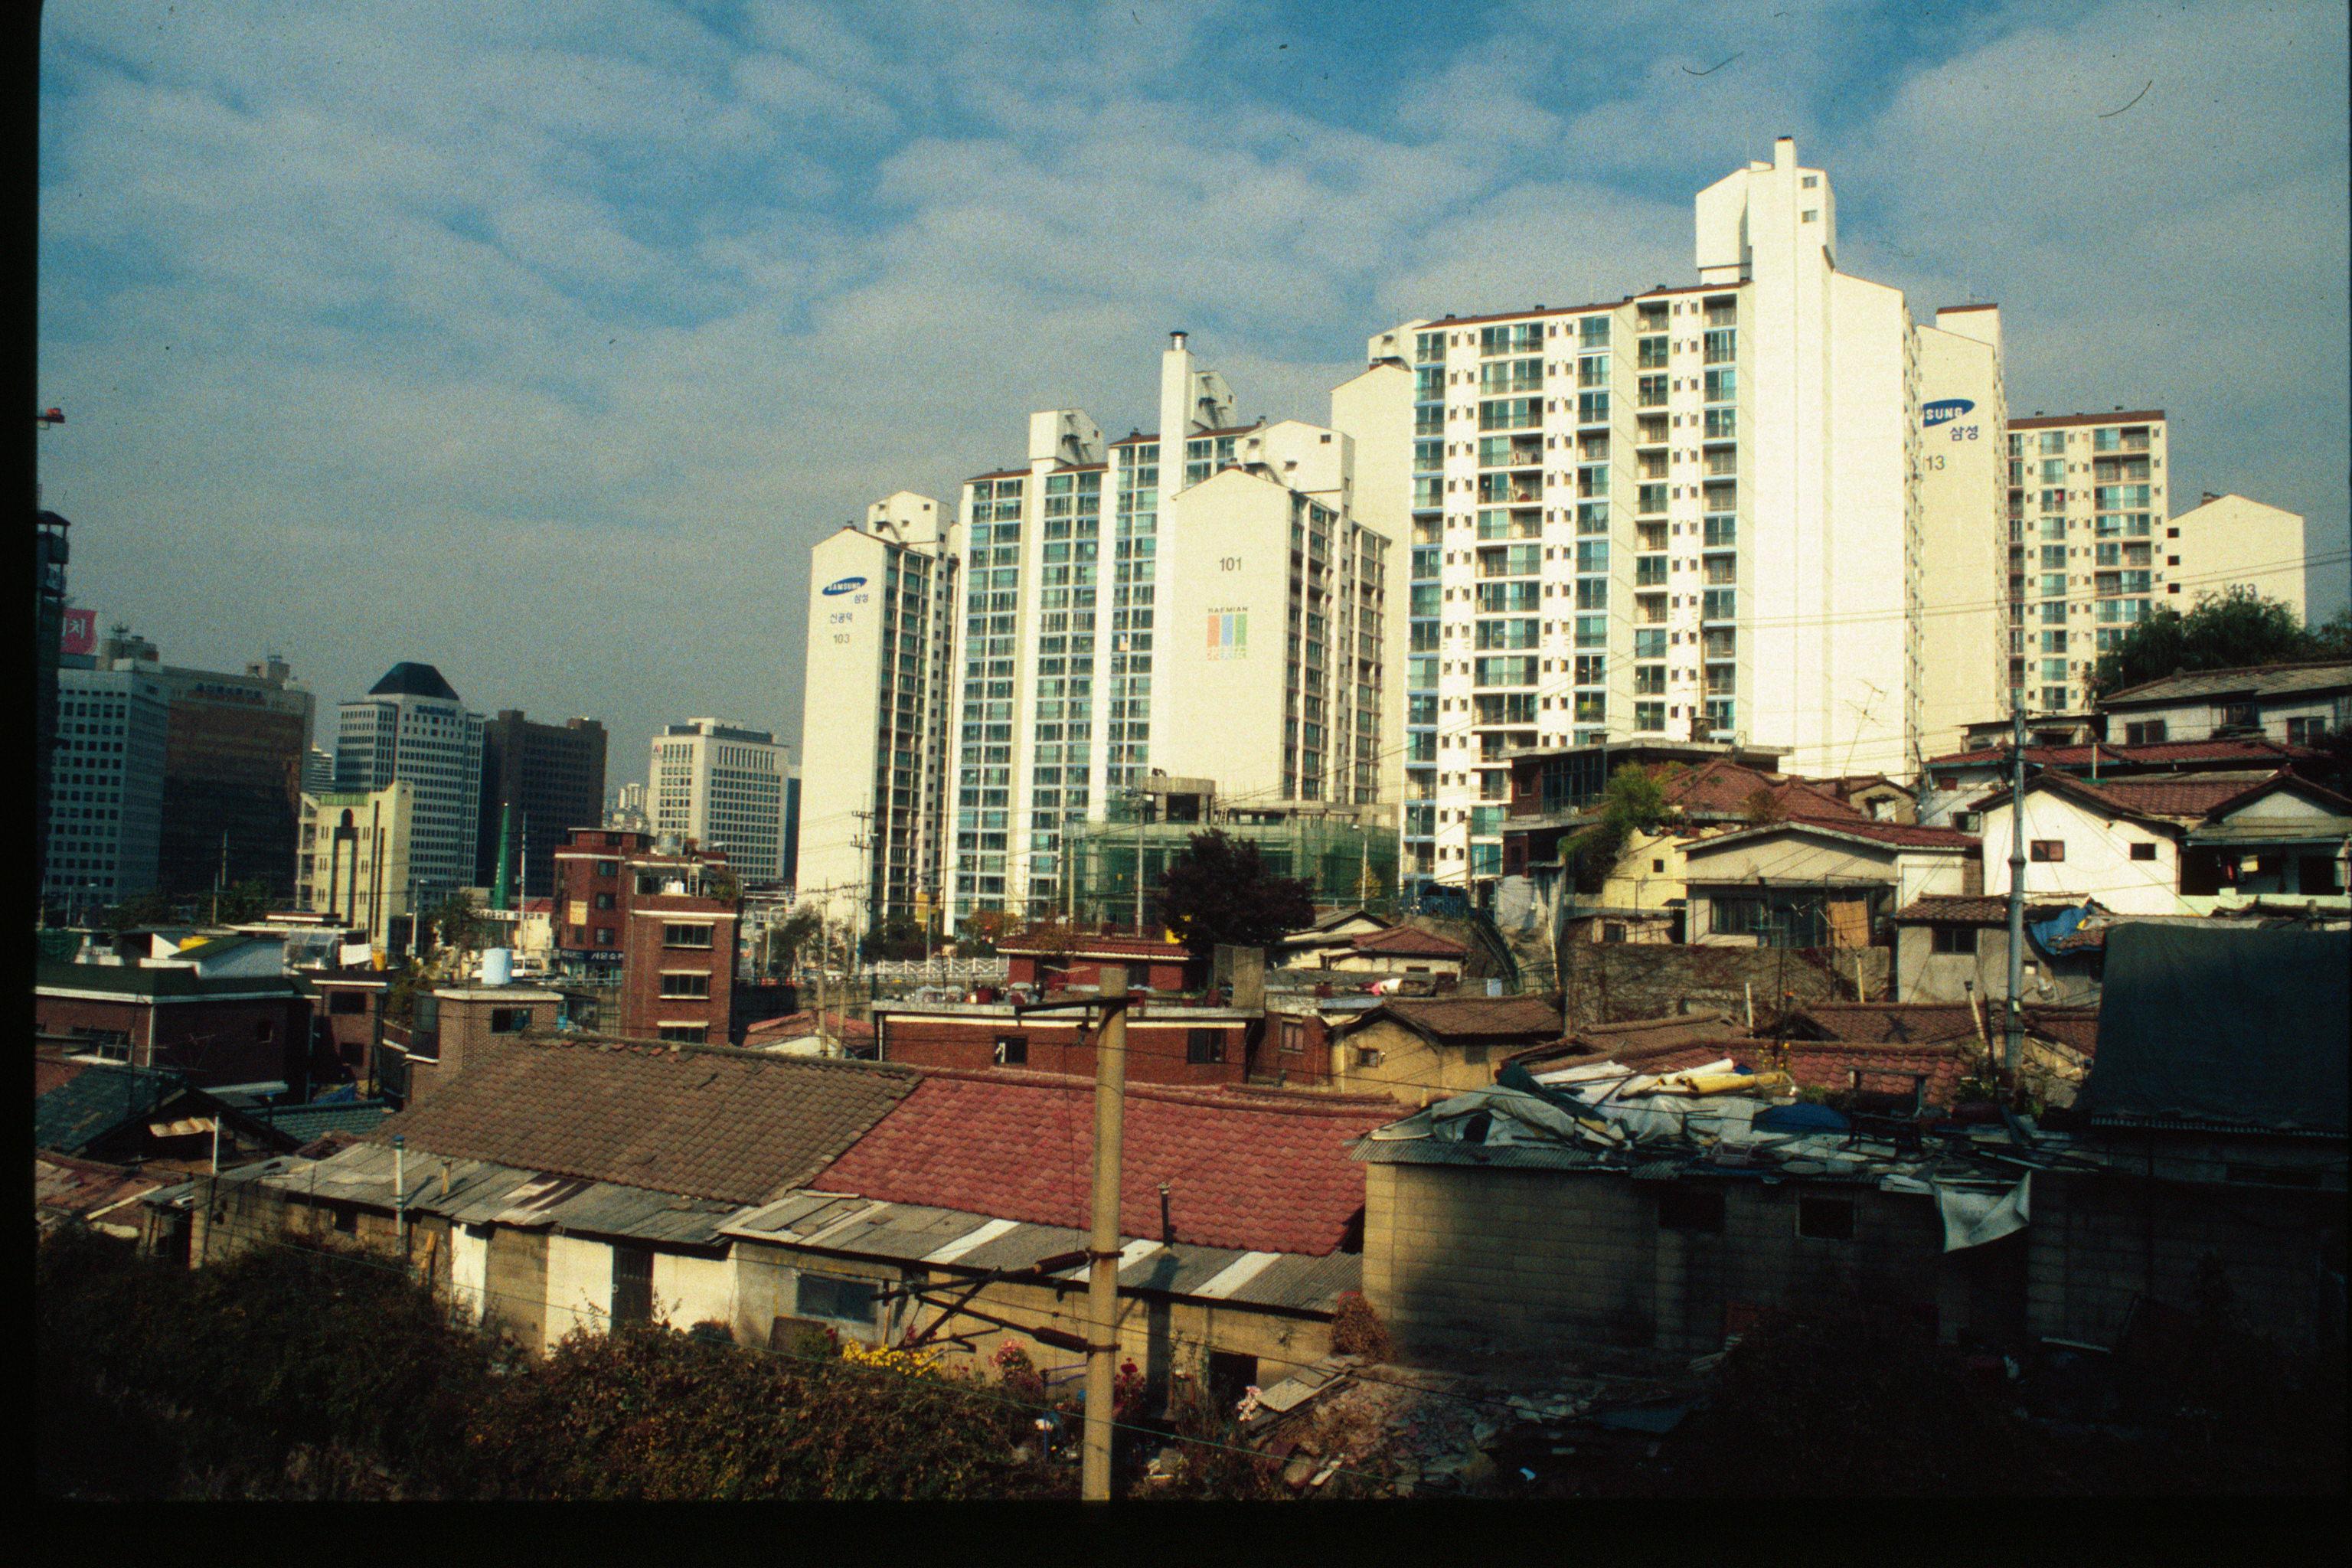 gelezeau_2000_seoul_shingongdeok_samsung_urban_renewal